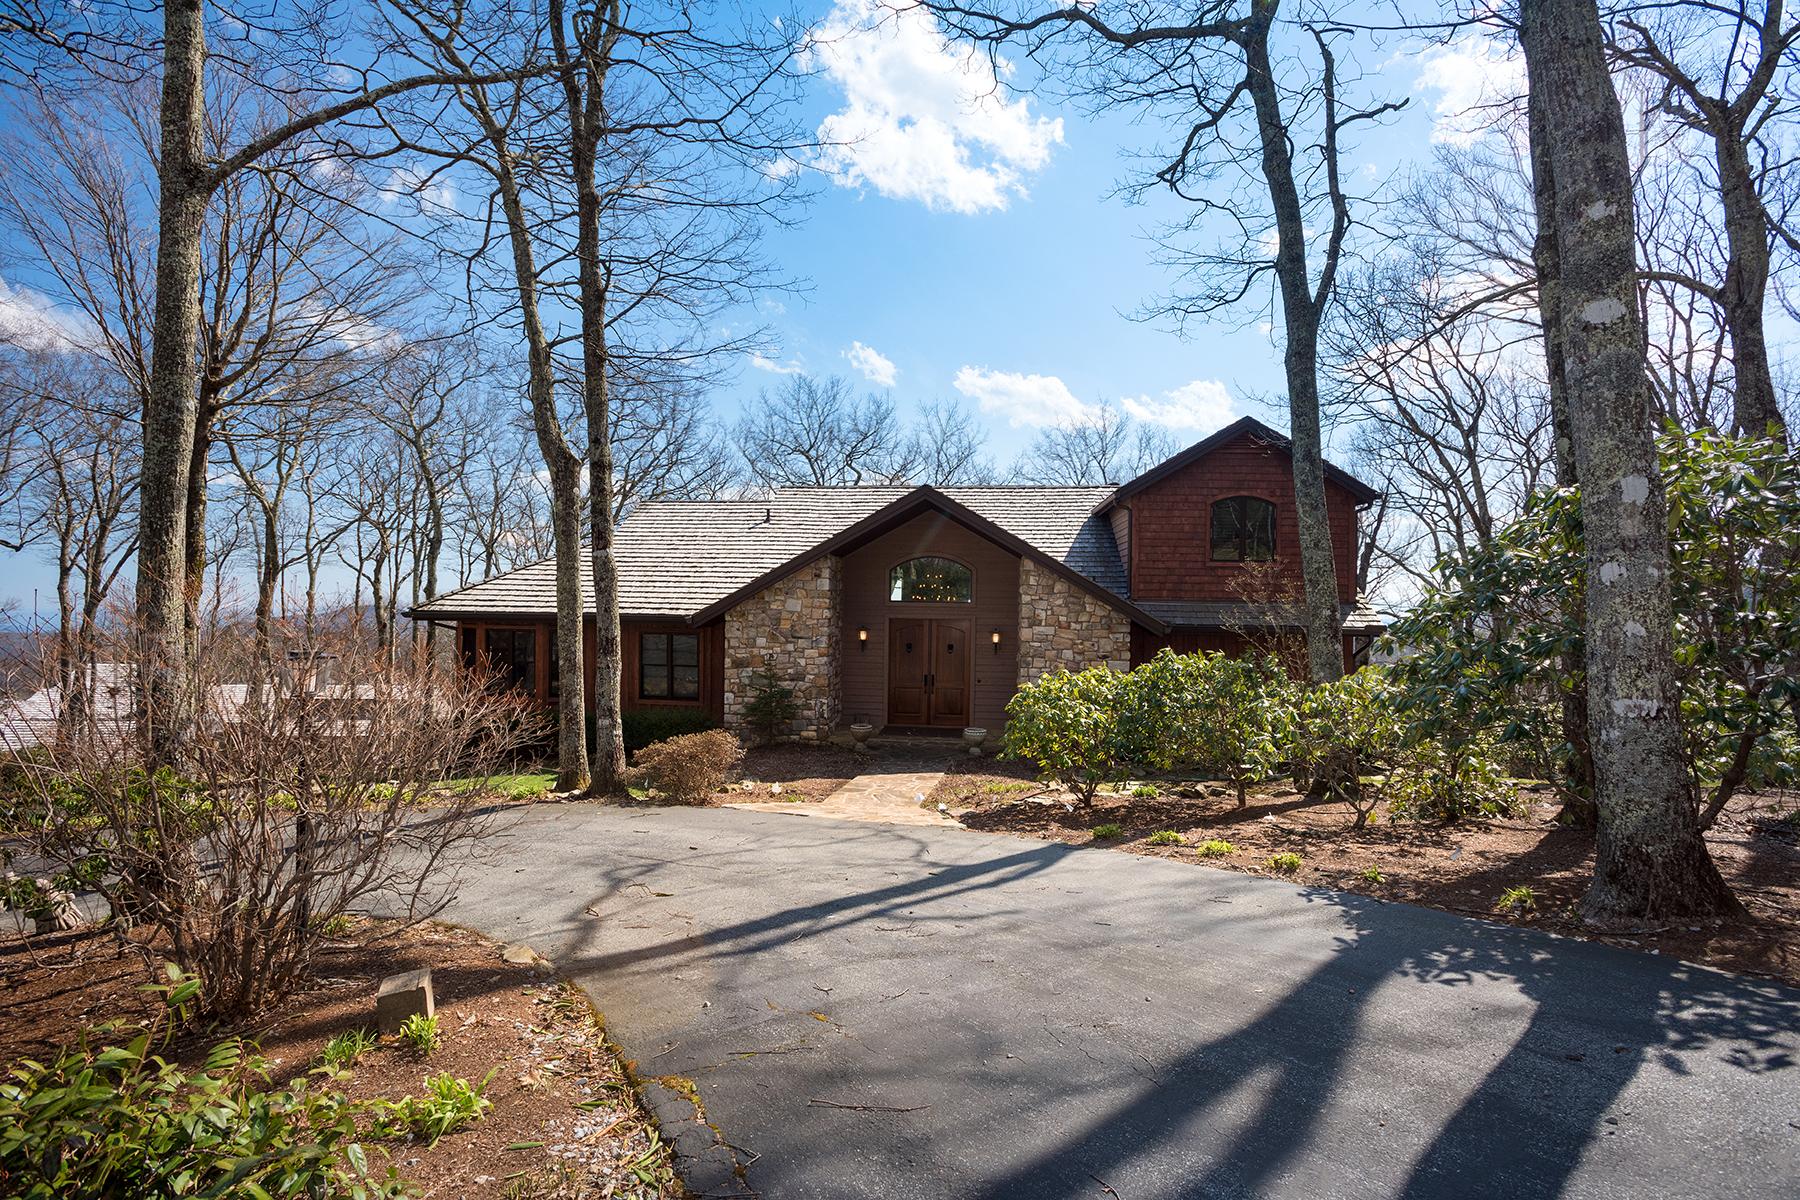 Casa Unifamiliar por un Venta en LINVILLE - LINVILLE RIDGE 818 Crest Trail 8 Linville, Carolina Del Norte, 28646 Estados Unidos